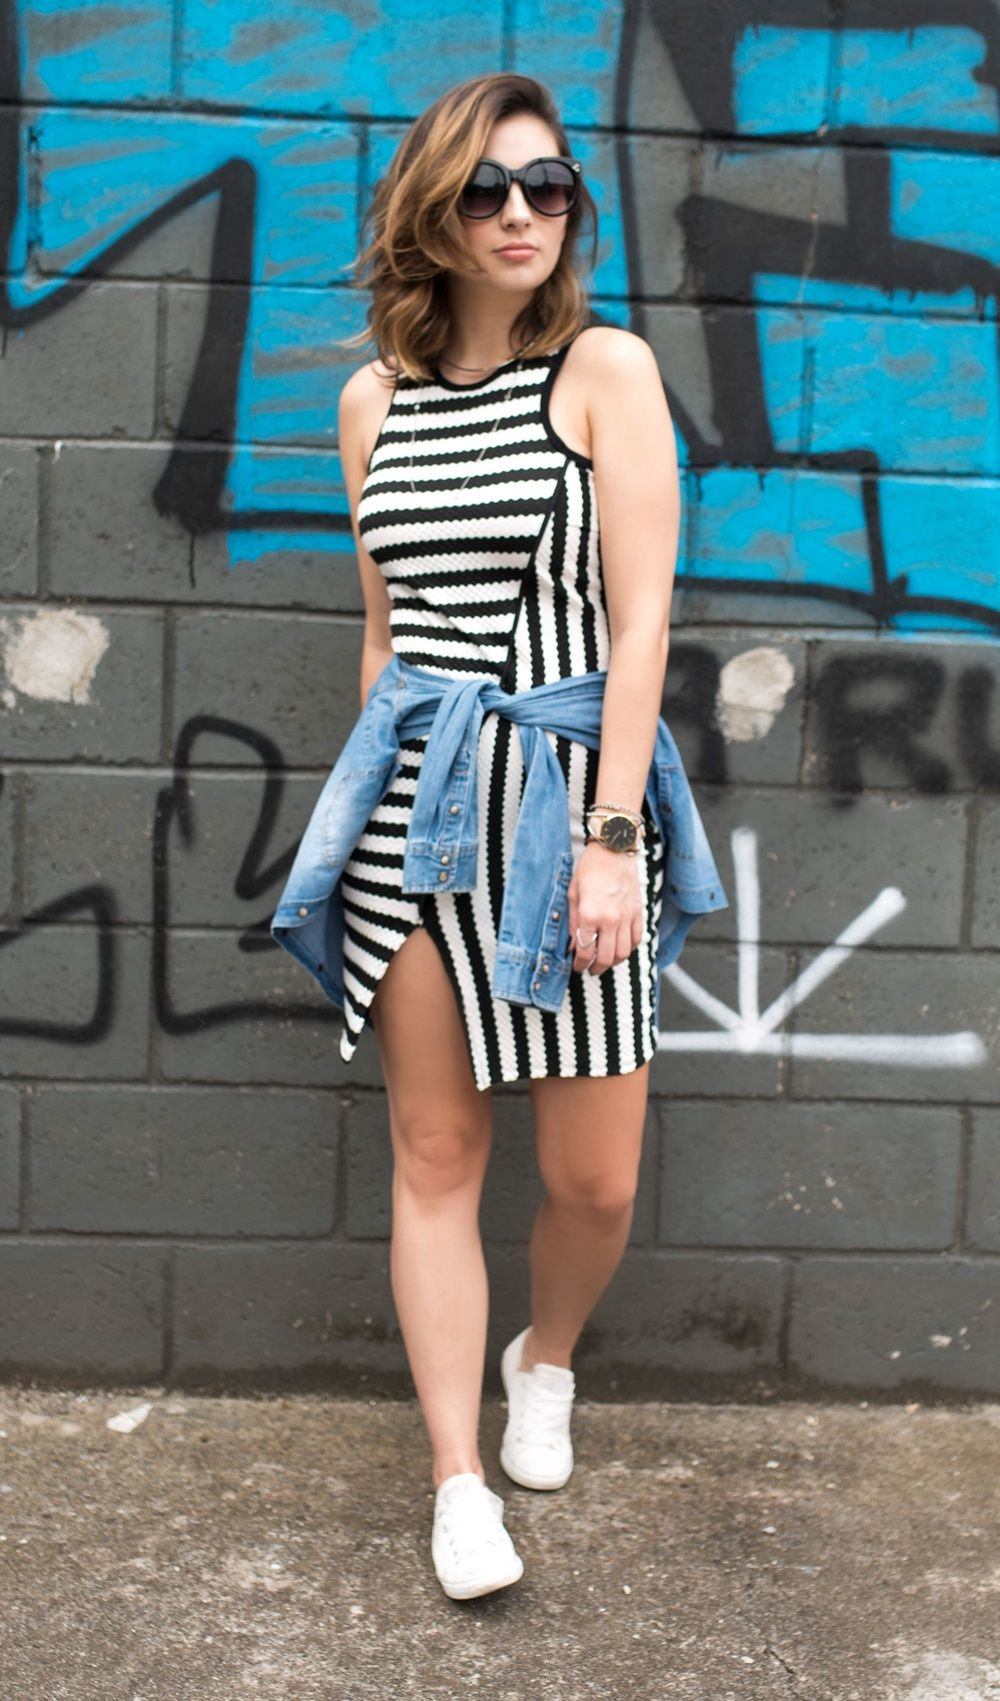 """Foto: Reprodução / <a href=""""http://www.vanduarte.com.br/use-seu-vestido-justo-com-truque-de-styling-look-fashion-e-descomplicado/"""" target=""""_blank"""">Van Duarte</a>"""